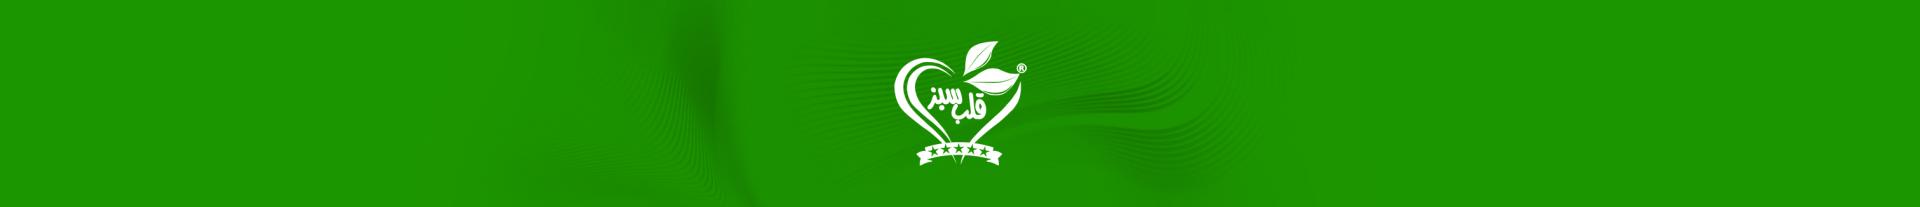 کد تخفیف فروشگاه قلب سبز